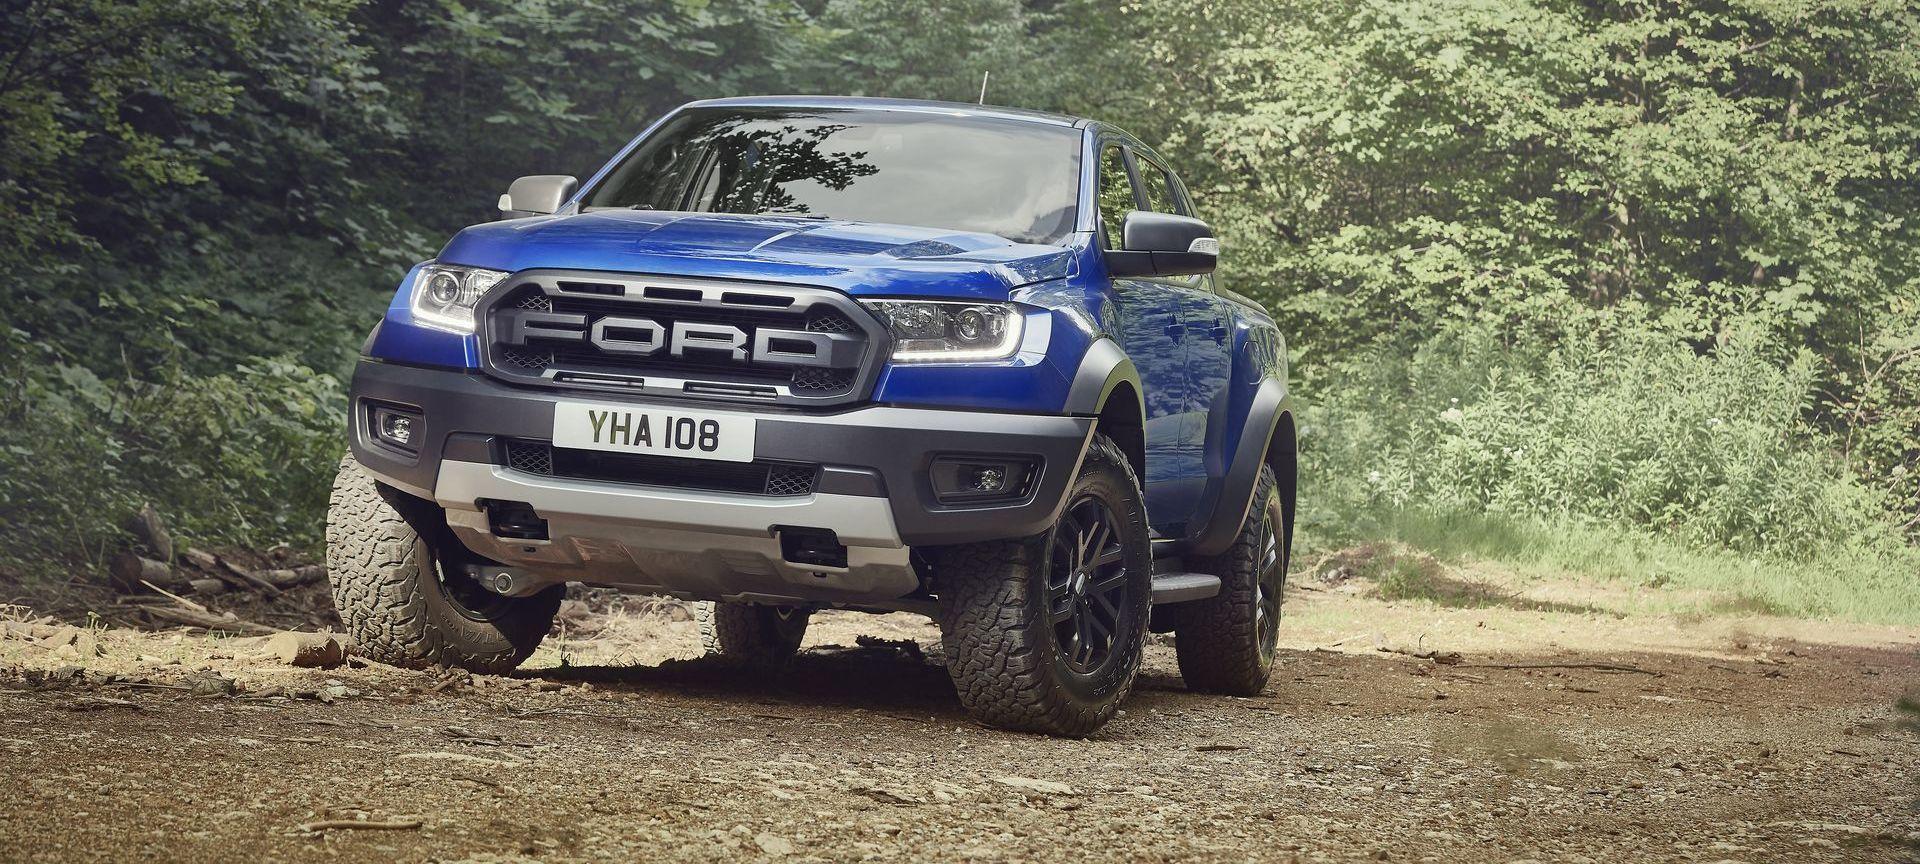 Las Pick Up Ford Ranger Se Renuevan En 2019 No Solo Llega La Raptor Llega Un Nuevo Diesel De 213 Cv Diariomotor